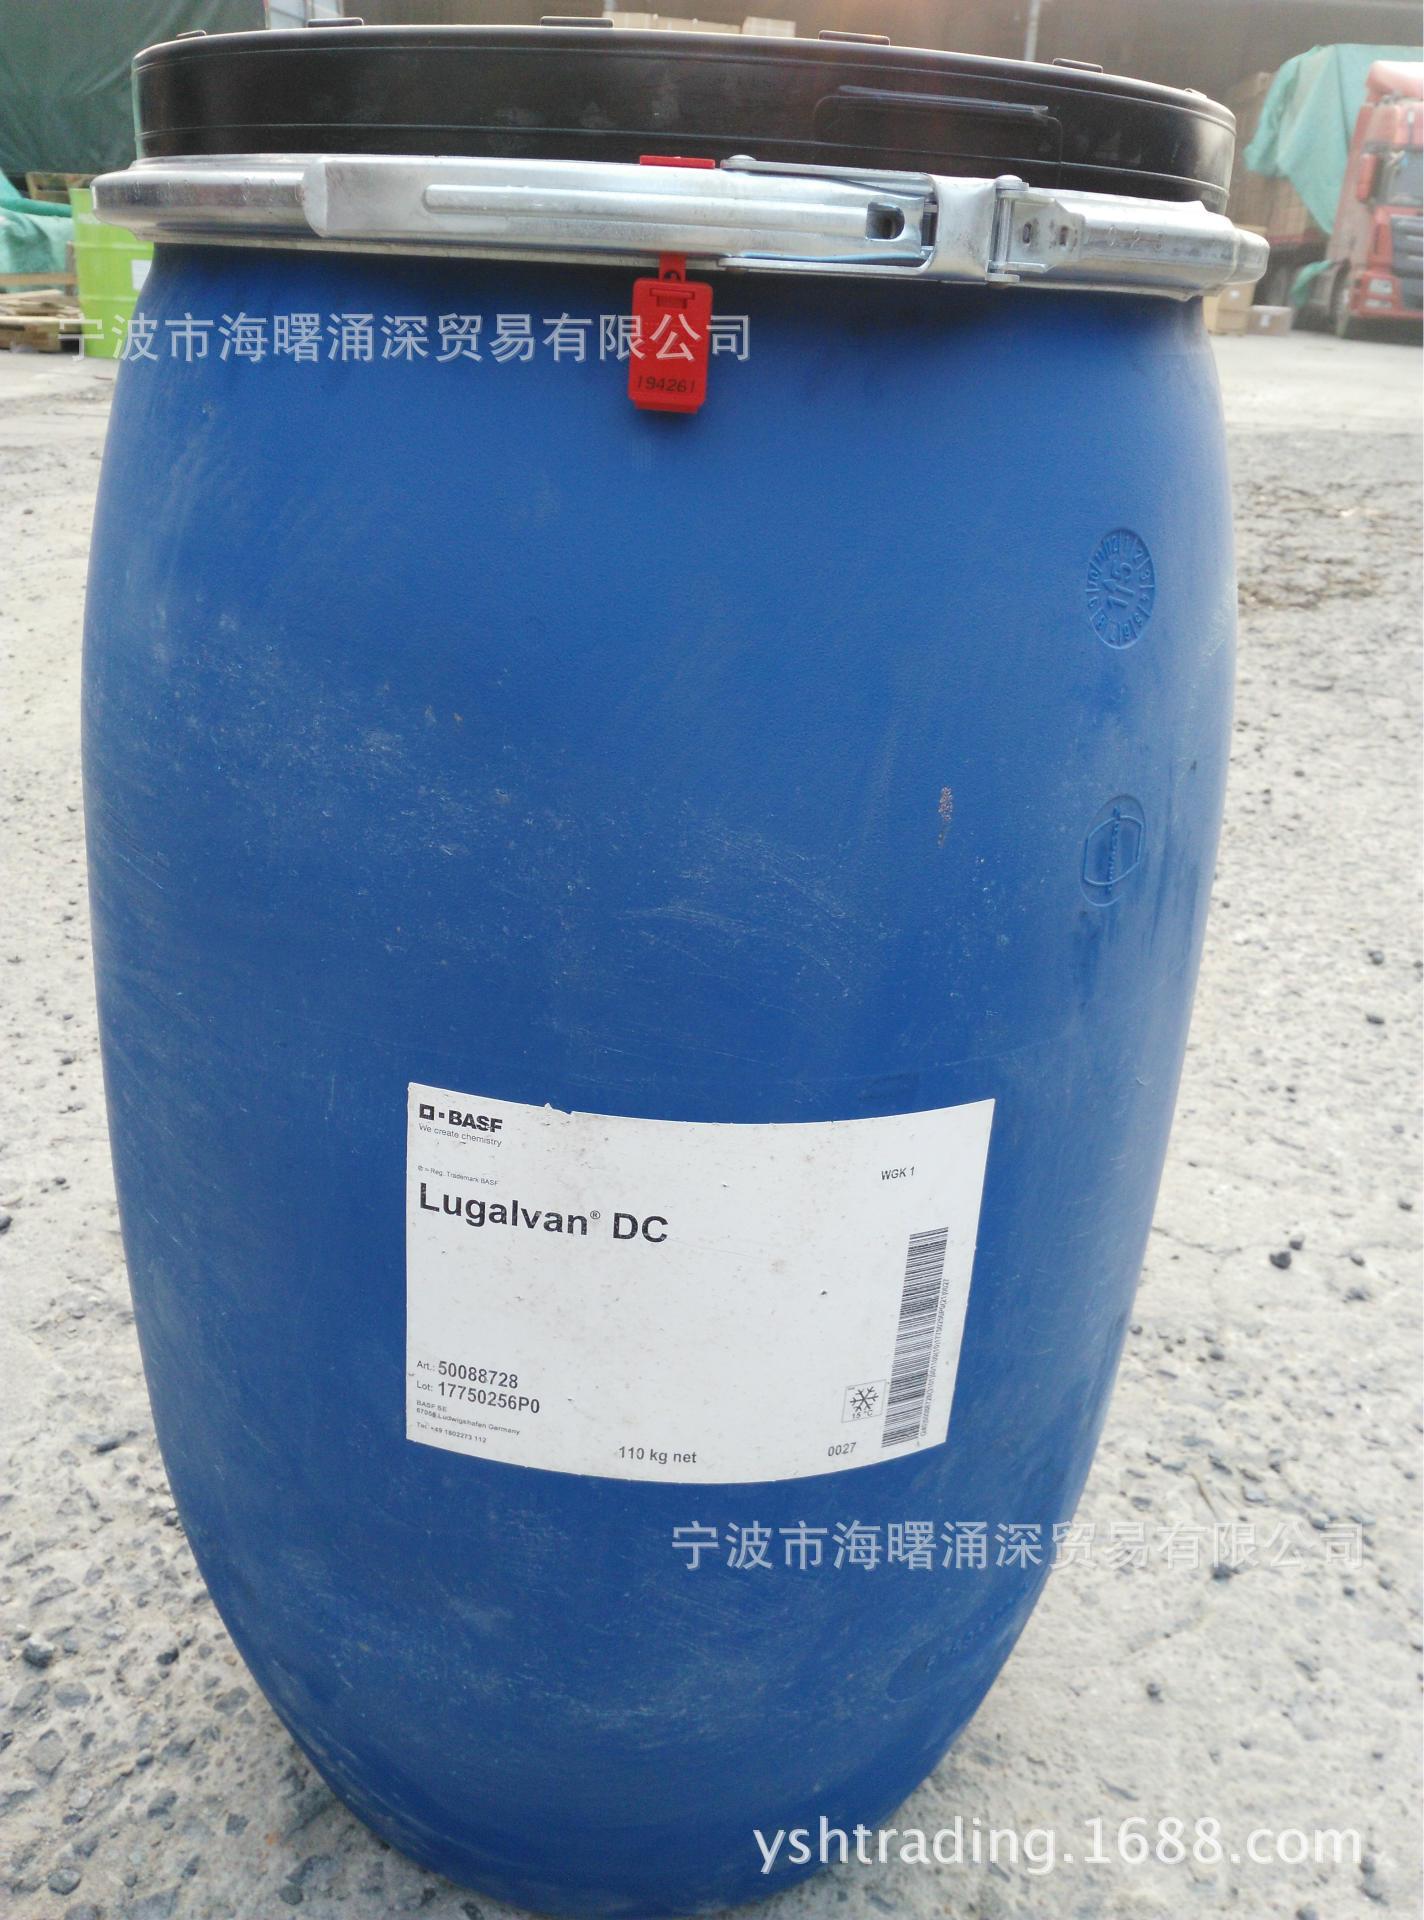 树脂LUGALVAN DC封闭剂专用树脂 镀锌封闭剂